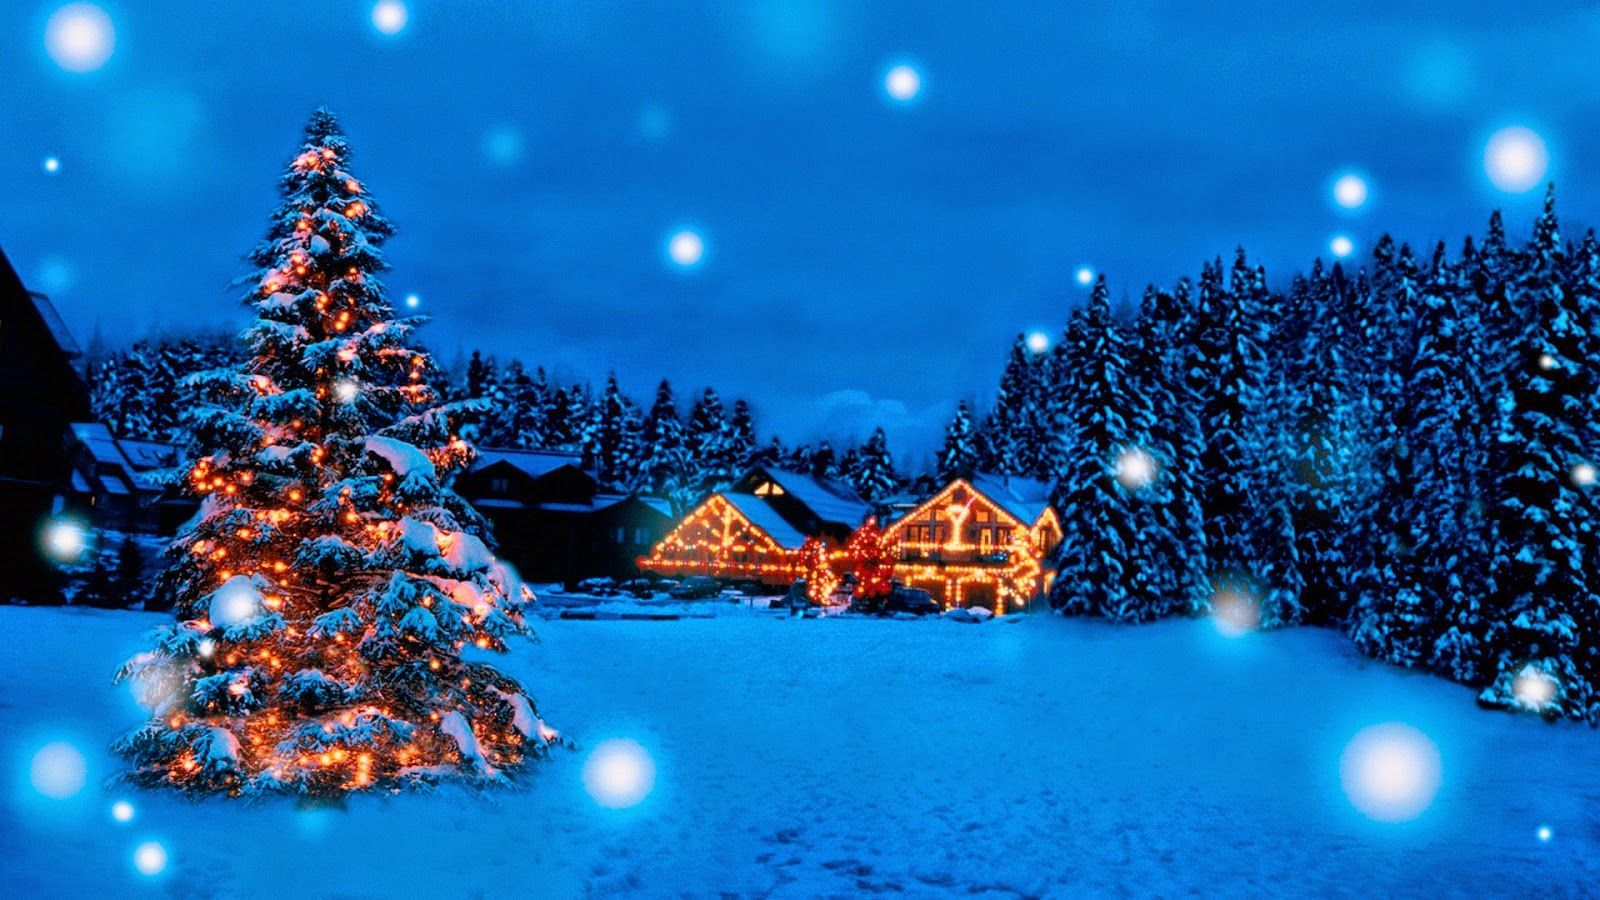 Cool Background Desktop Christmas Images Wallpaper Images In 2020 Wallpapers Kerstgroeten Achtergronden